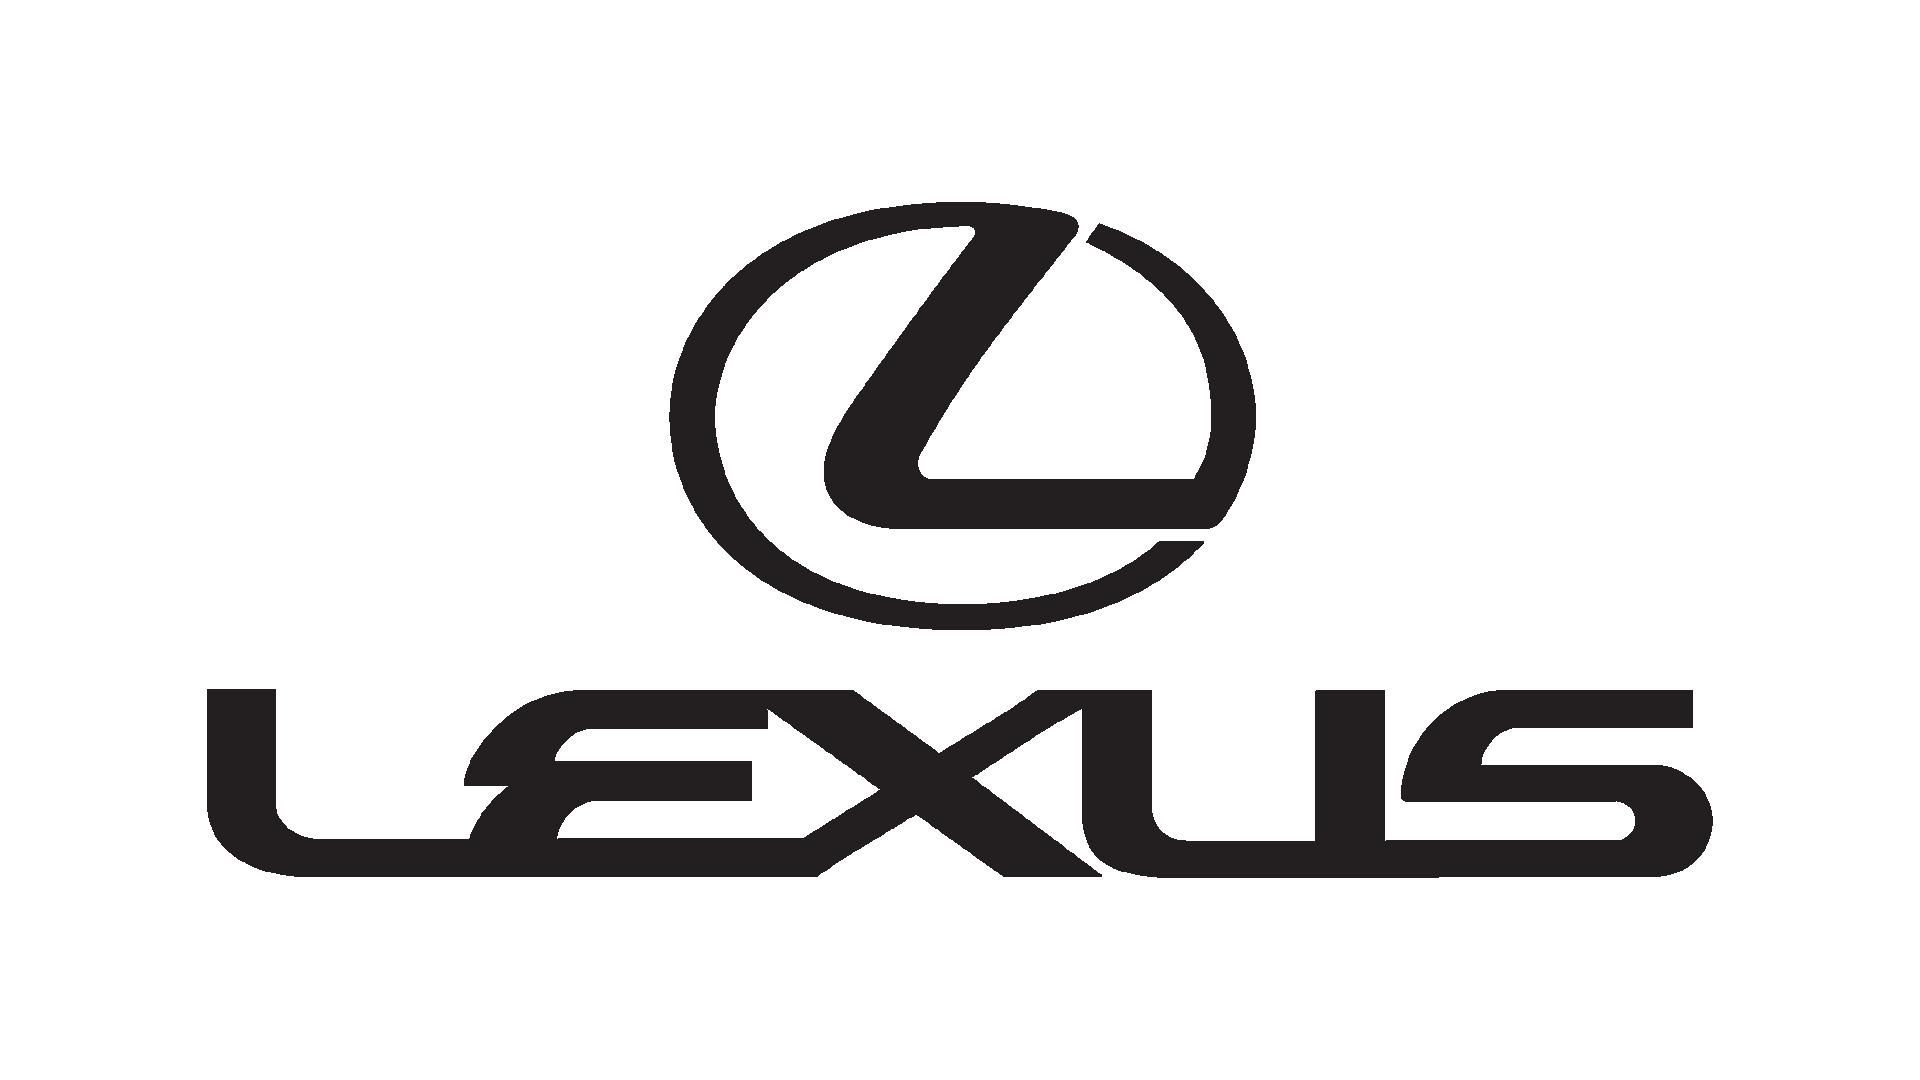 lexus symbol meaning